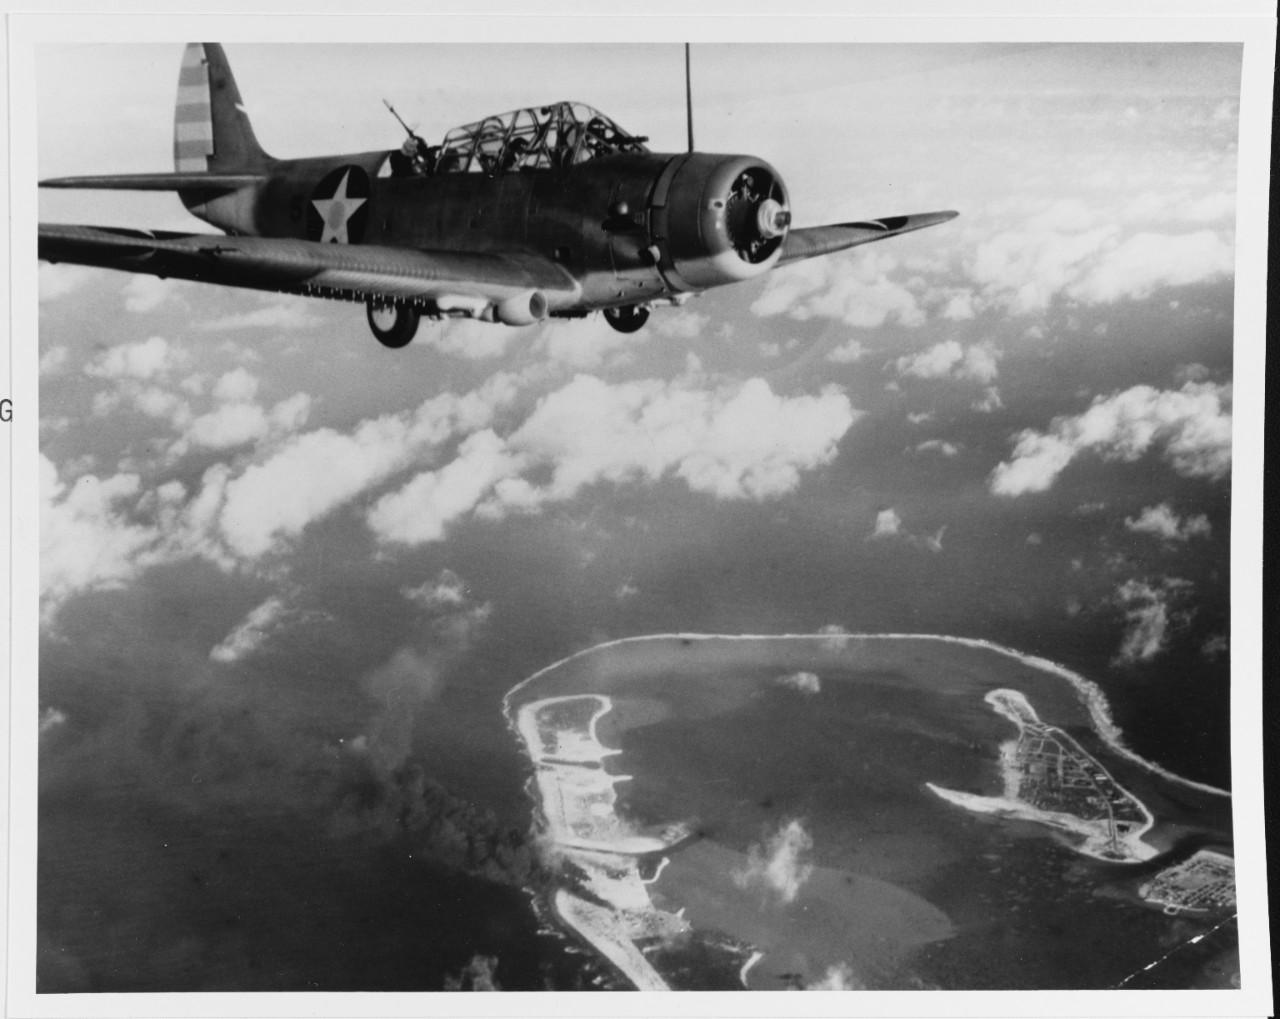 Photo #: 80-CF-1071-1  Wake Island Raid, 24 February 1942